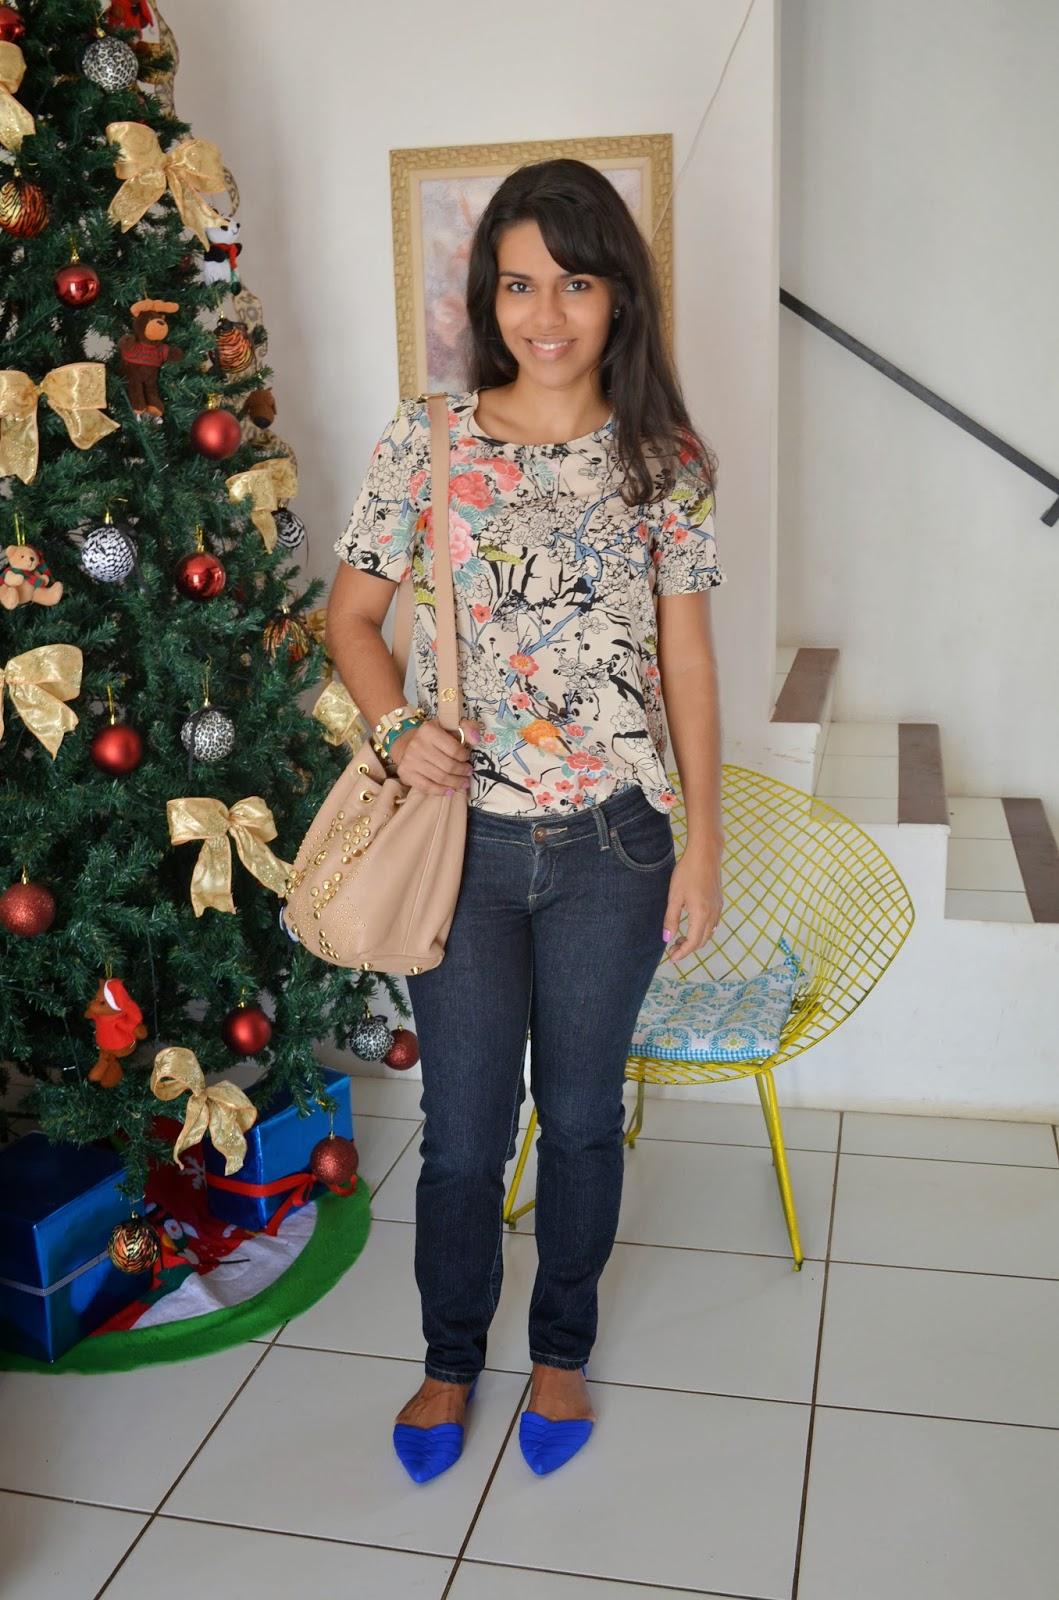 c1f46b33d O primeiro,tem blusa floral oriental, calça jeans, sapatilha e bolsa saco.